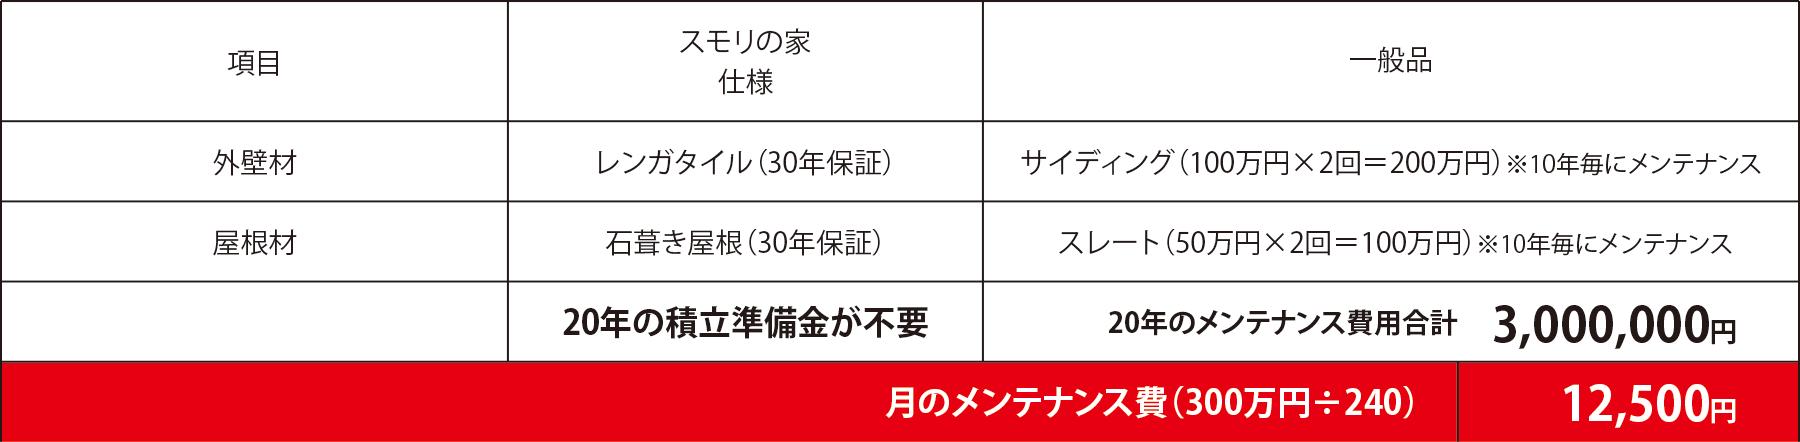 月のメンテナンス費(300万円÷240)=12,500円